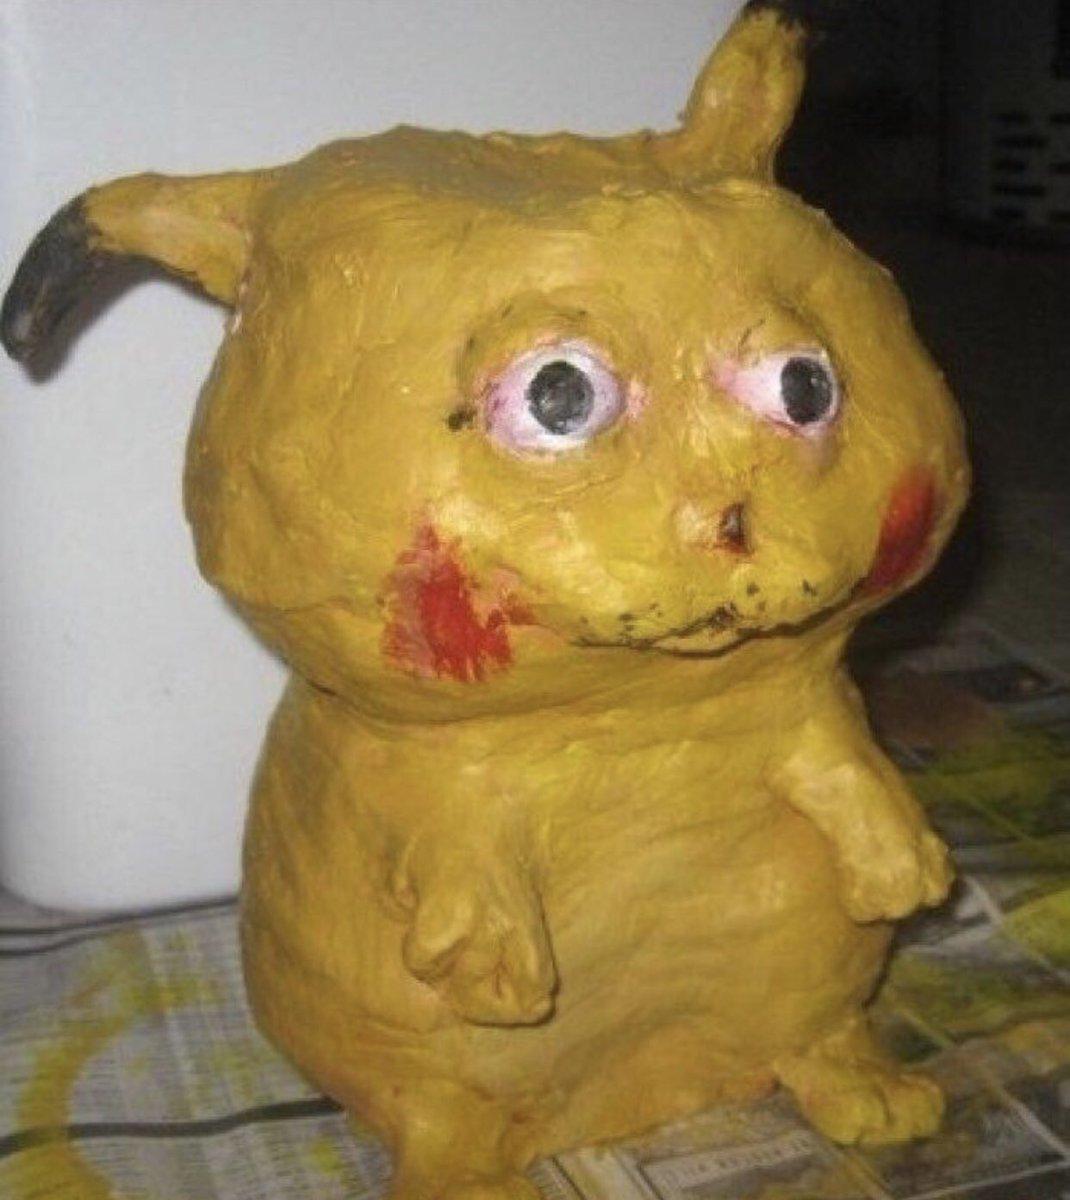 Horrifying Pikachu Cake Fail Not An Off Brand But An Failed Product